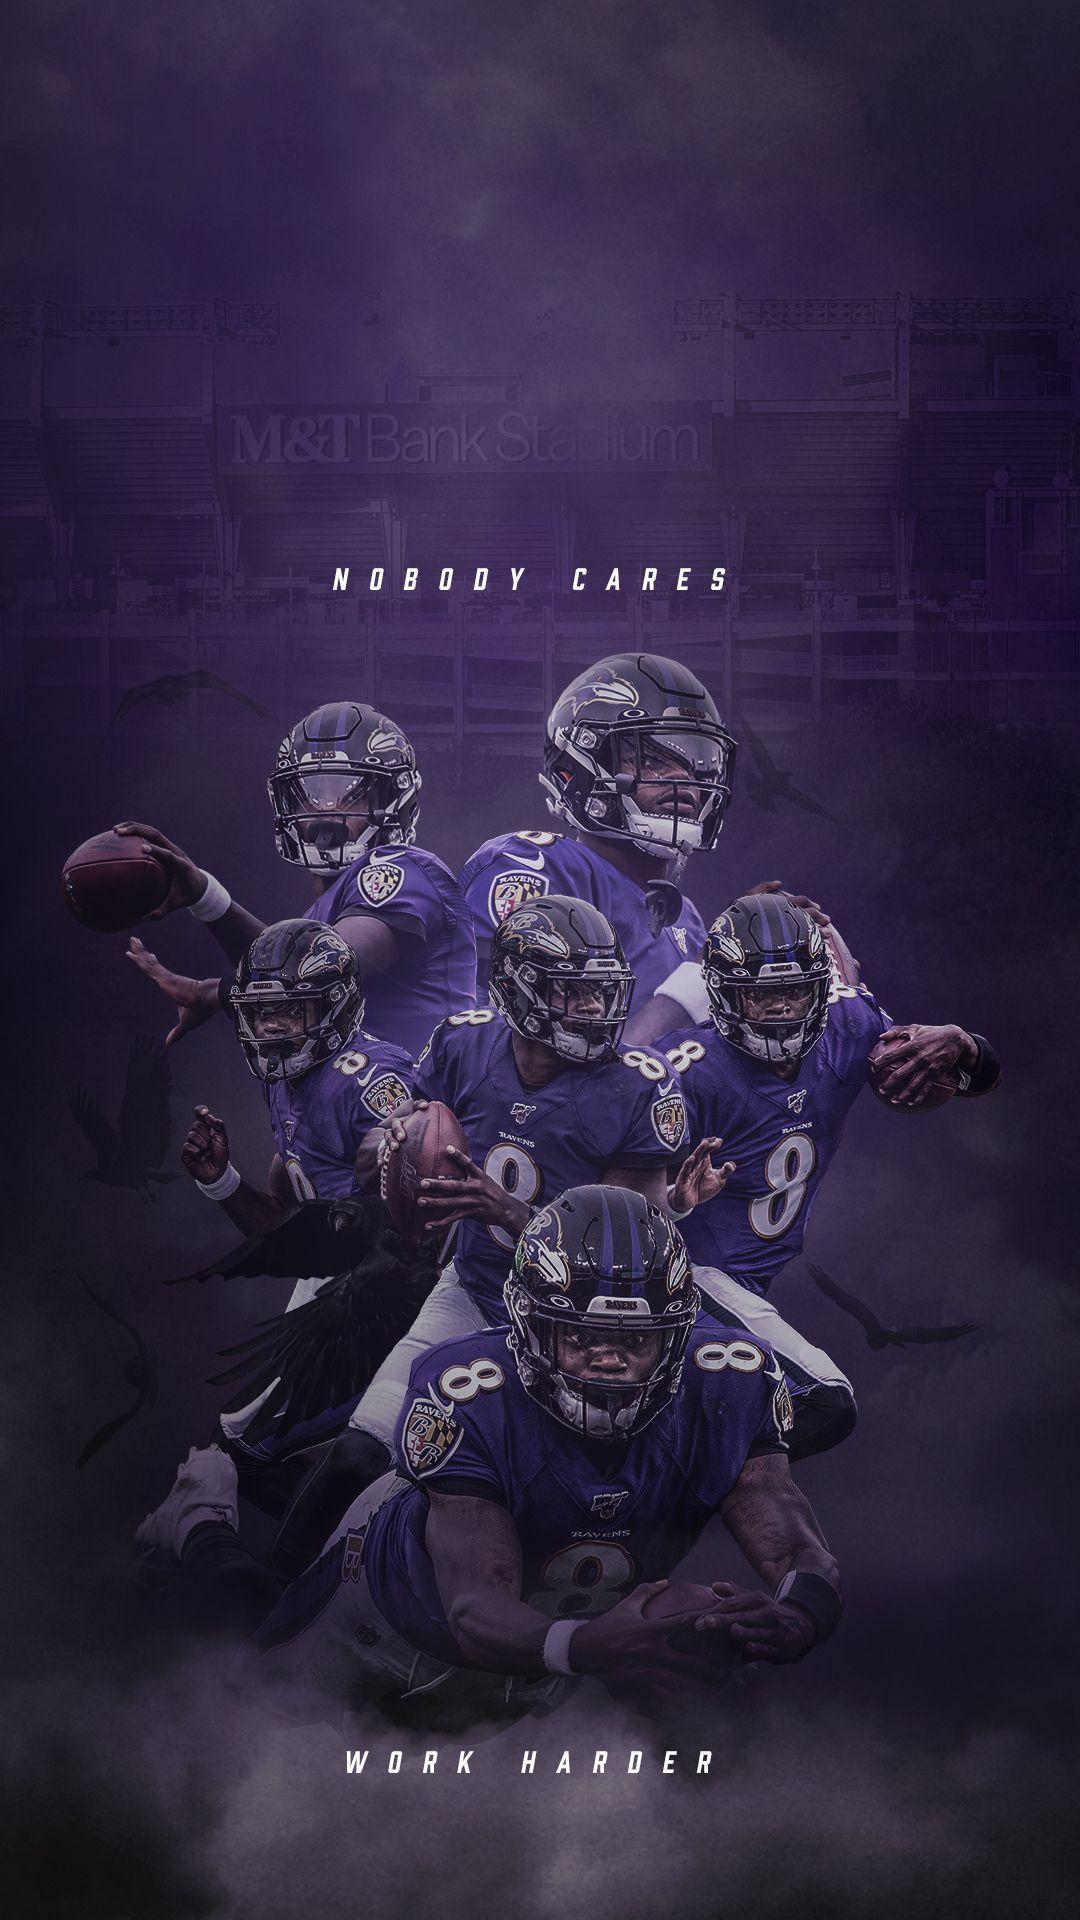 Cool Lamar Jackson Wallpaper Download In 2020 Lamar Jackson Wallpaper Lamar Jackson Ravens Football